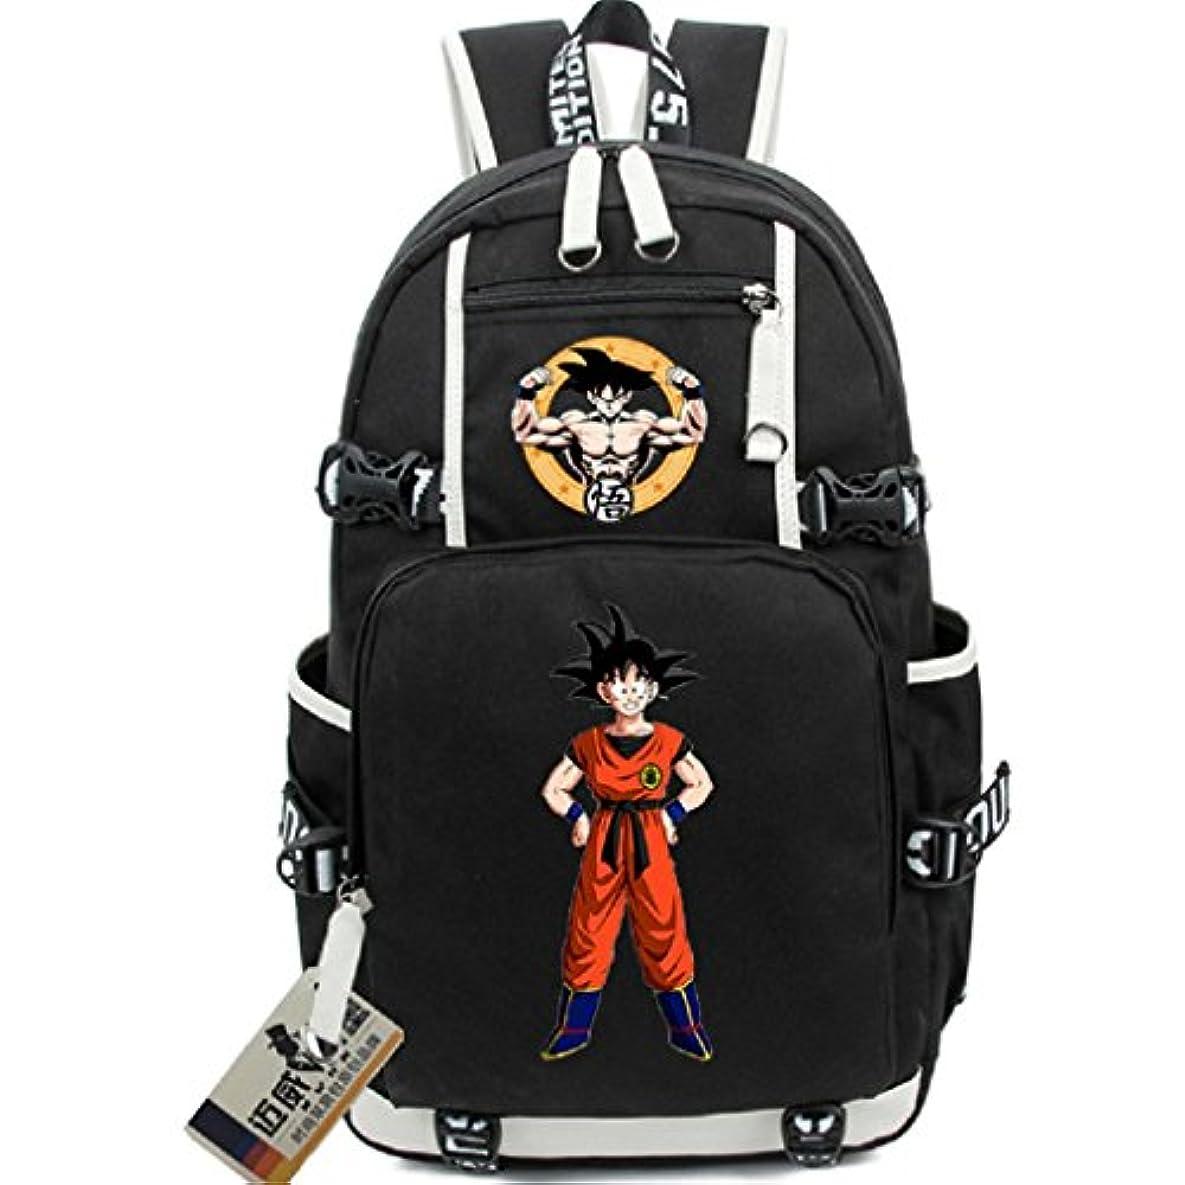 写真撮影アブストラクト交響曲Siawasey Anime Dragon Ball Zコスプレブックバッグデイパックノートパソコン用バックパック肩バッグスクールバッグ